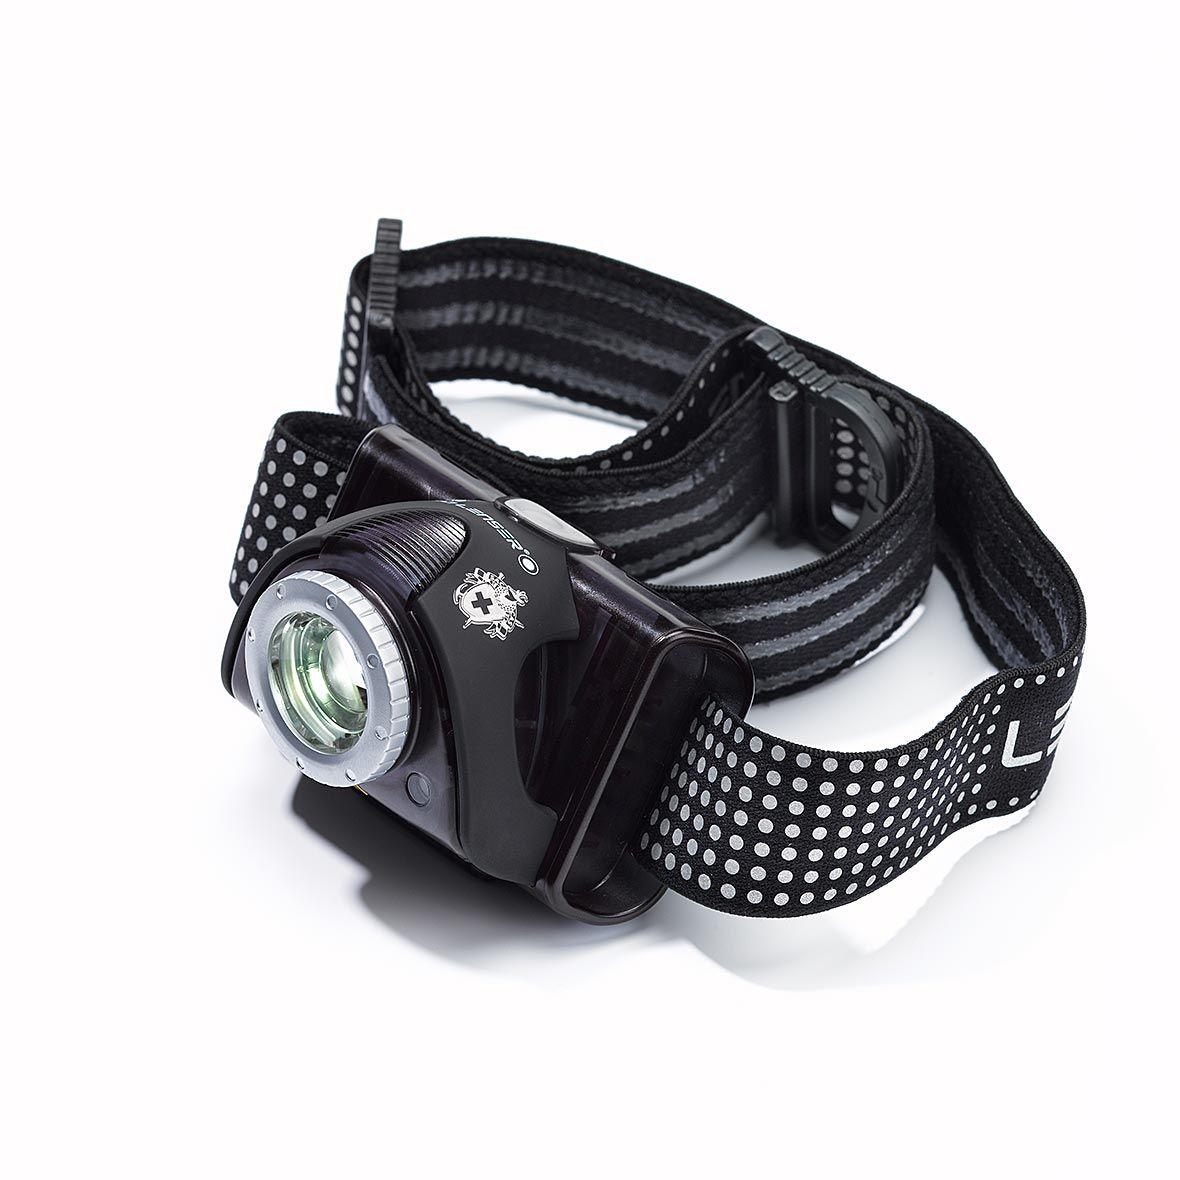 SAC Led Lenser Stirnlampe – SEO 7r